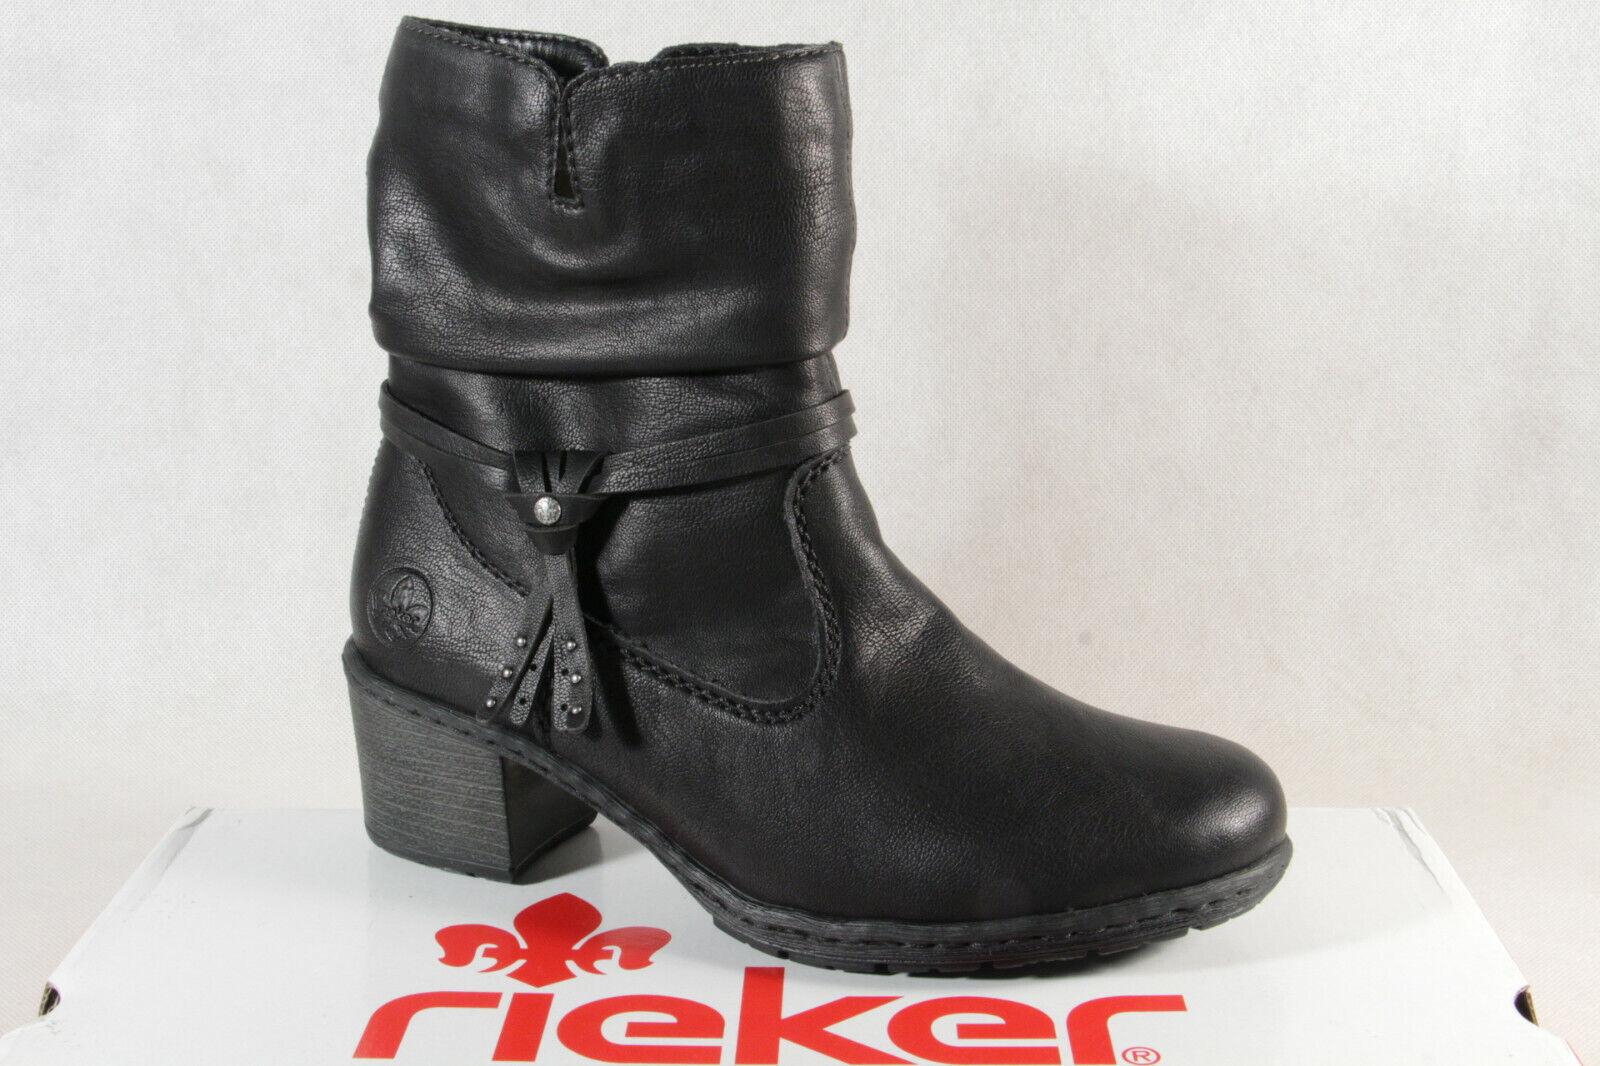 Rieker Damen Stiefel Stiefeletten Schnürstiefel schwarz Y8850 NEU!